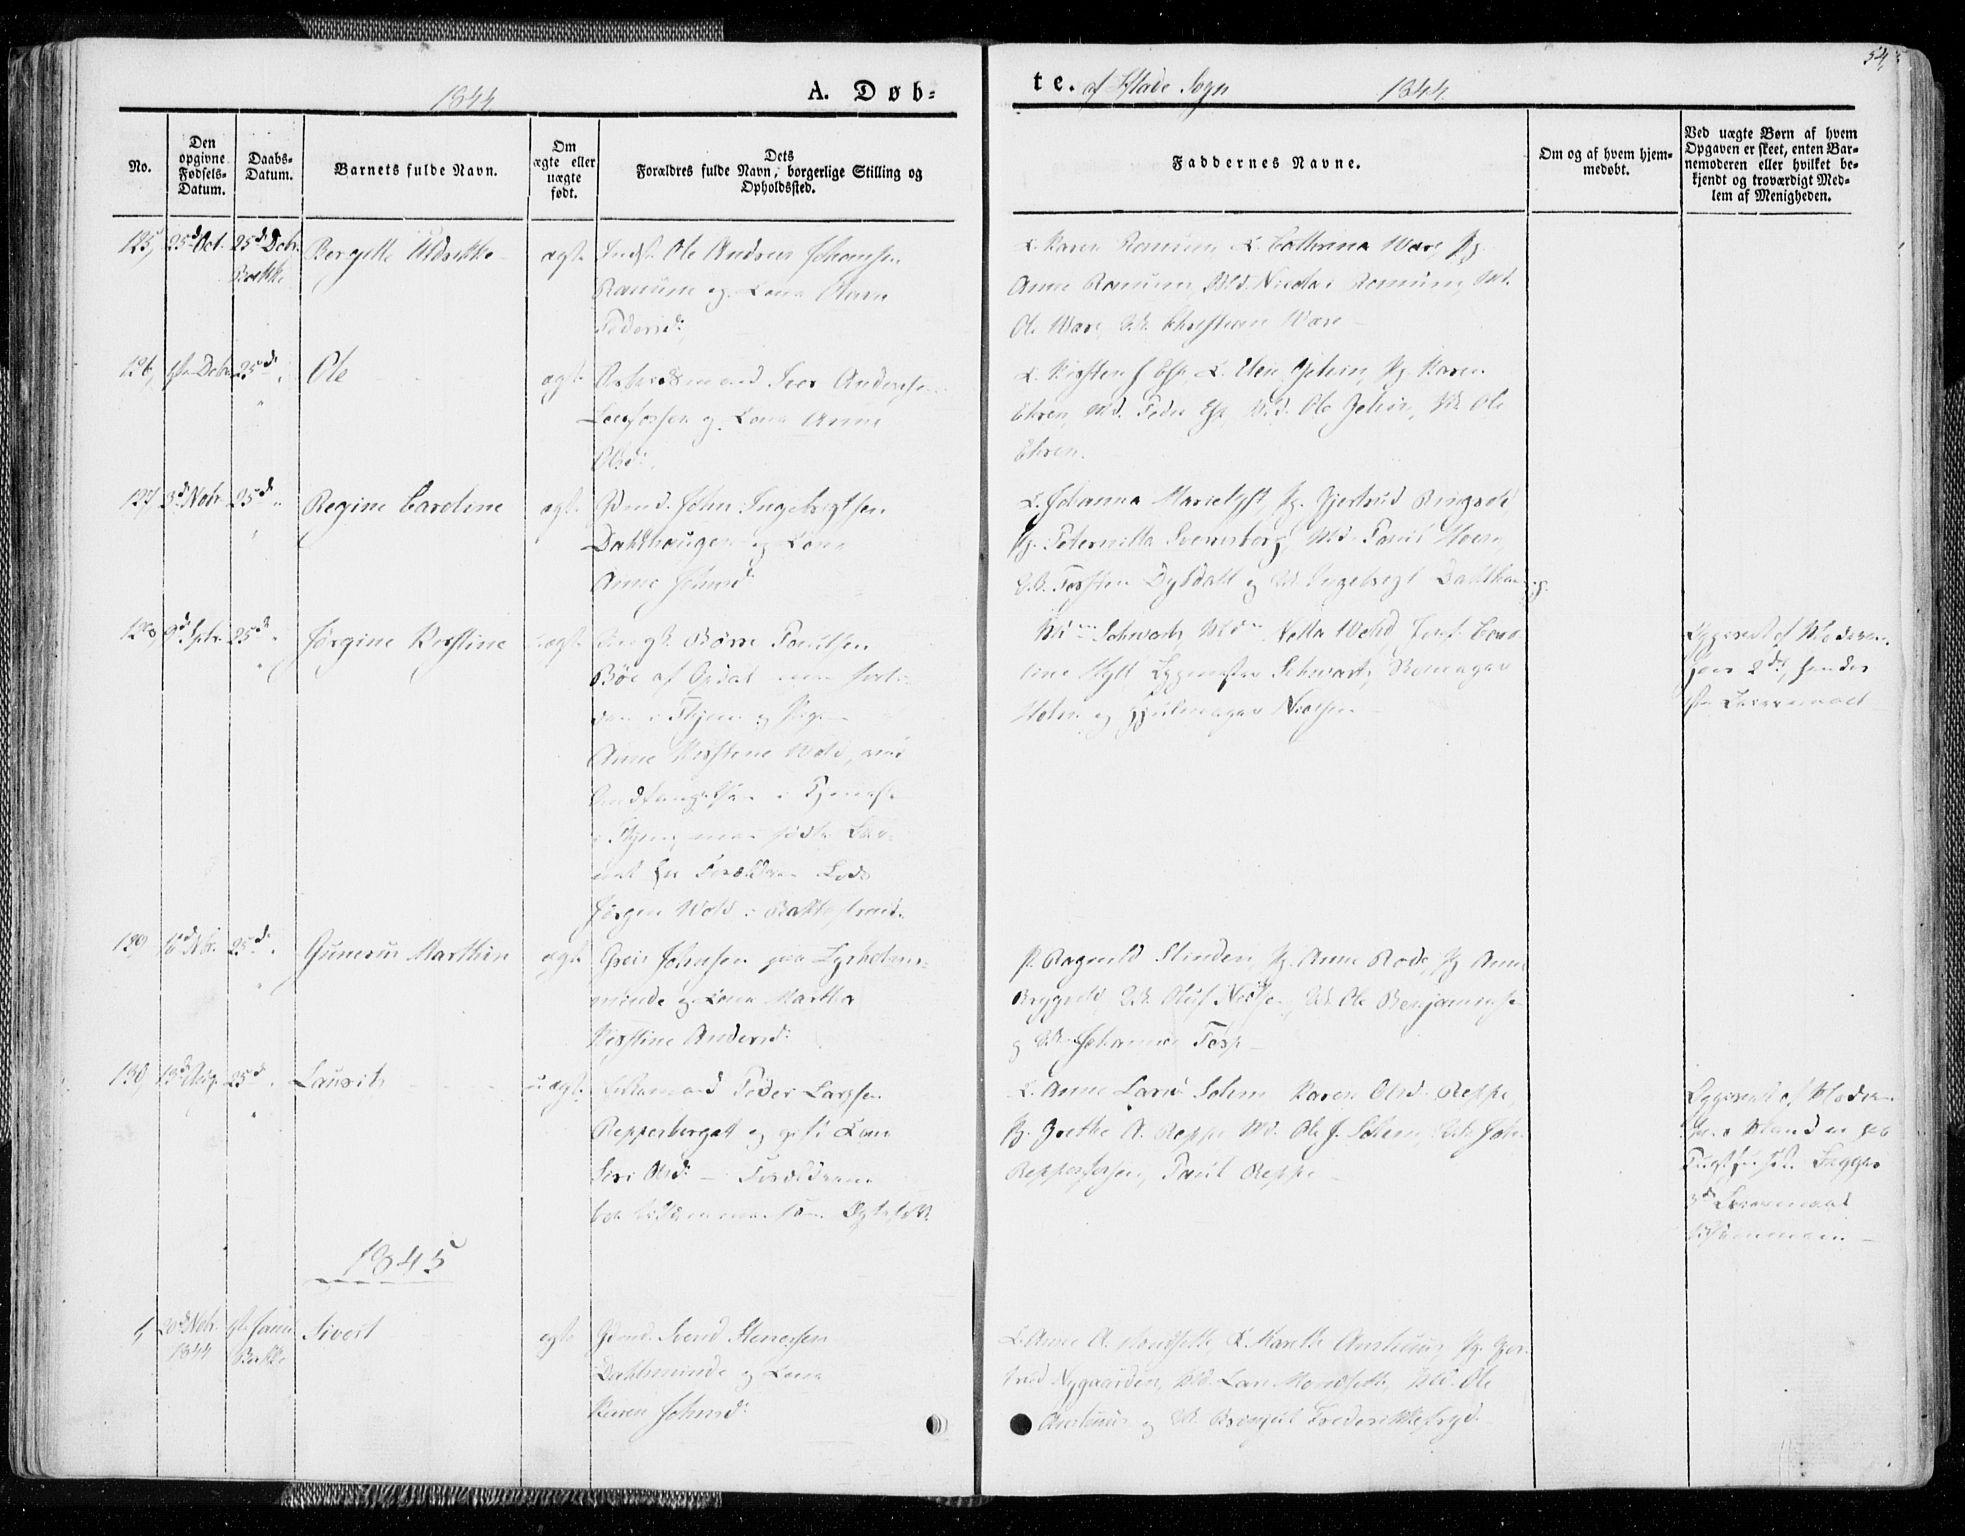 SAT, Ministerialprotokoller, klokkerbøker og fødselsregistre - Sør-Trøndelag, 606/L0290: Ministerialbok nr. 606A05, 1841-1847, s. 54